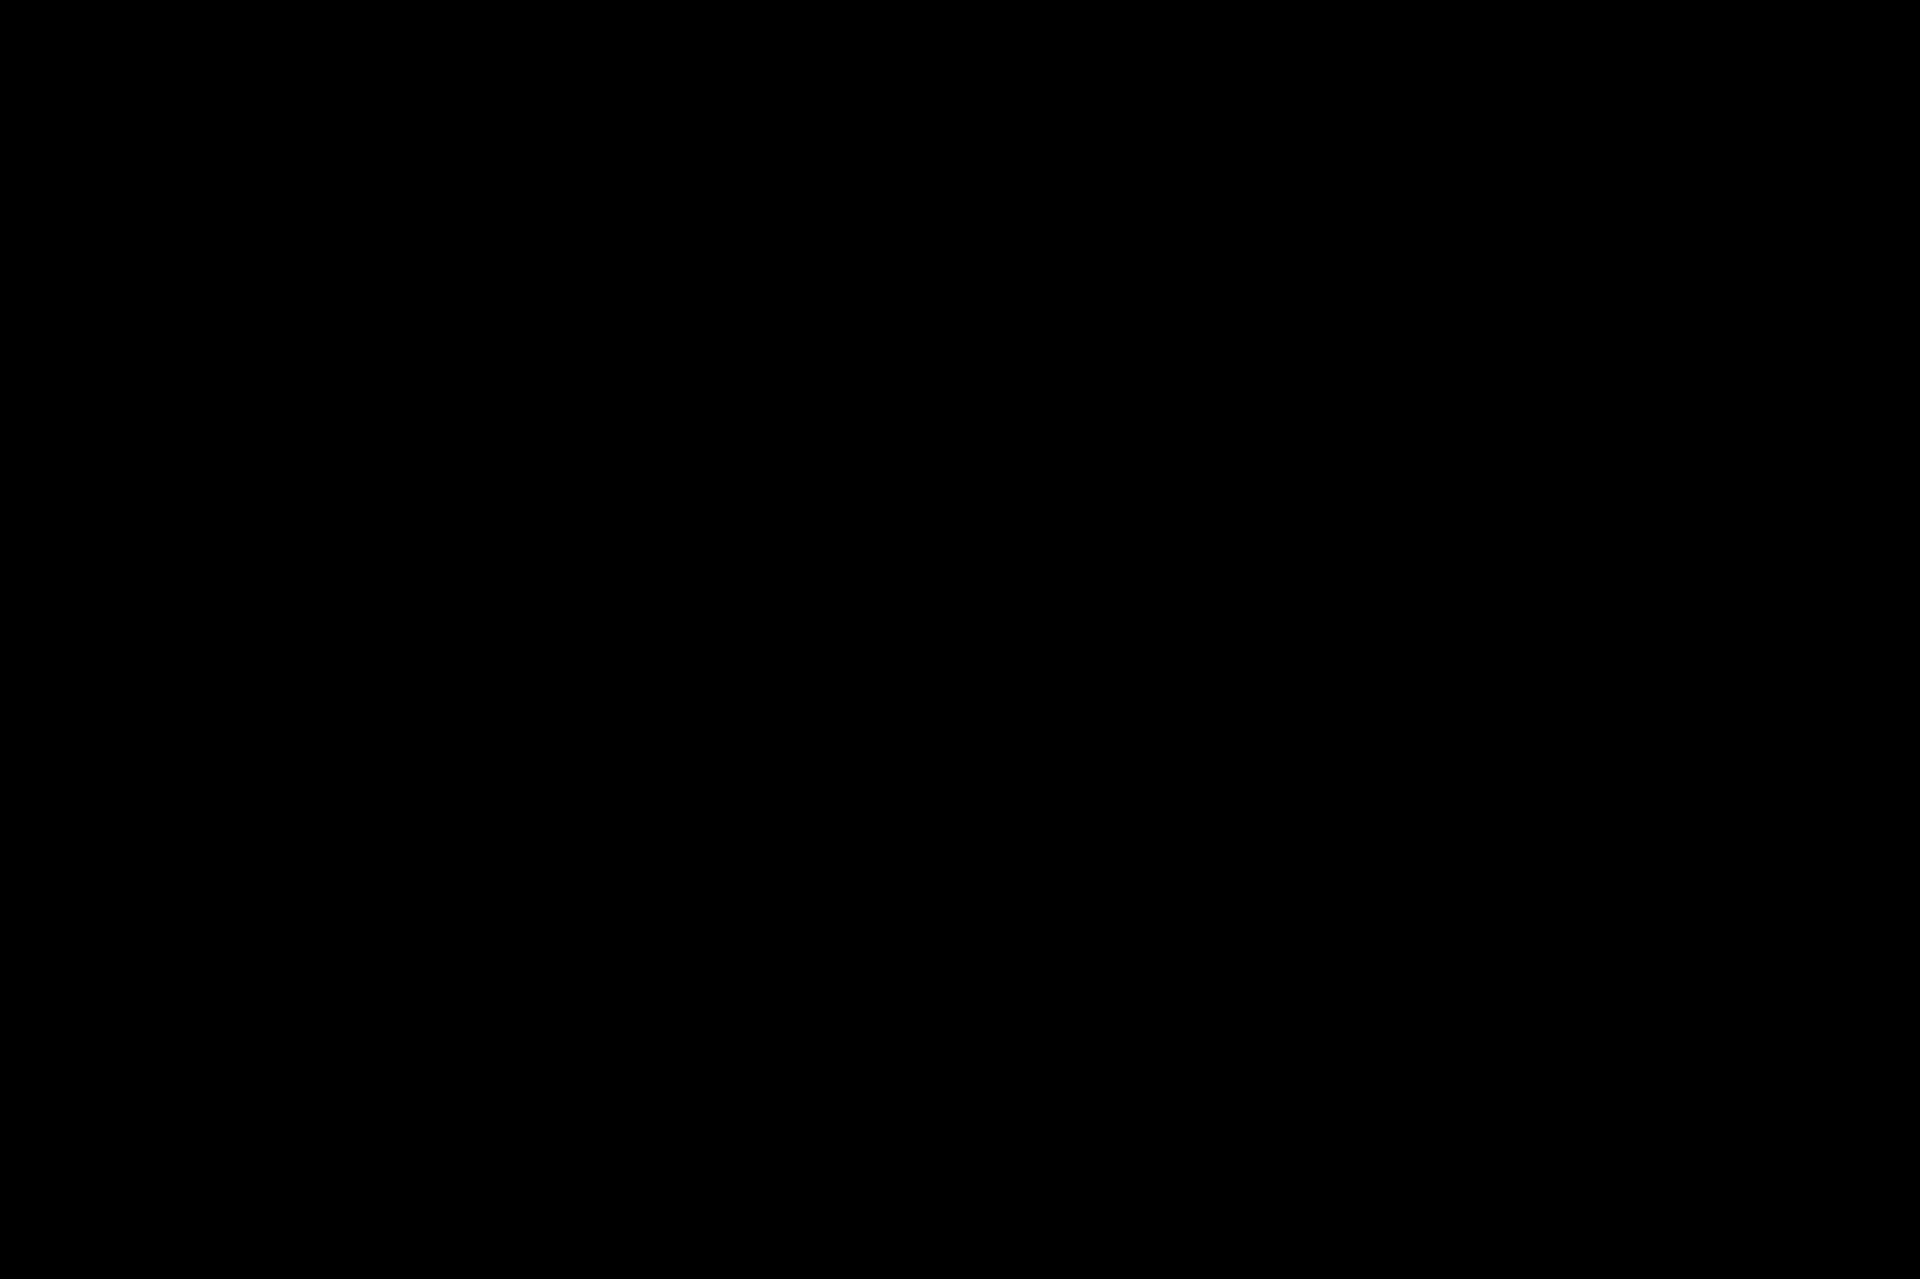 Geschnitzte Marmorteile mit Akanthusblättern aus dem 19. Jahrhundert